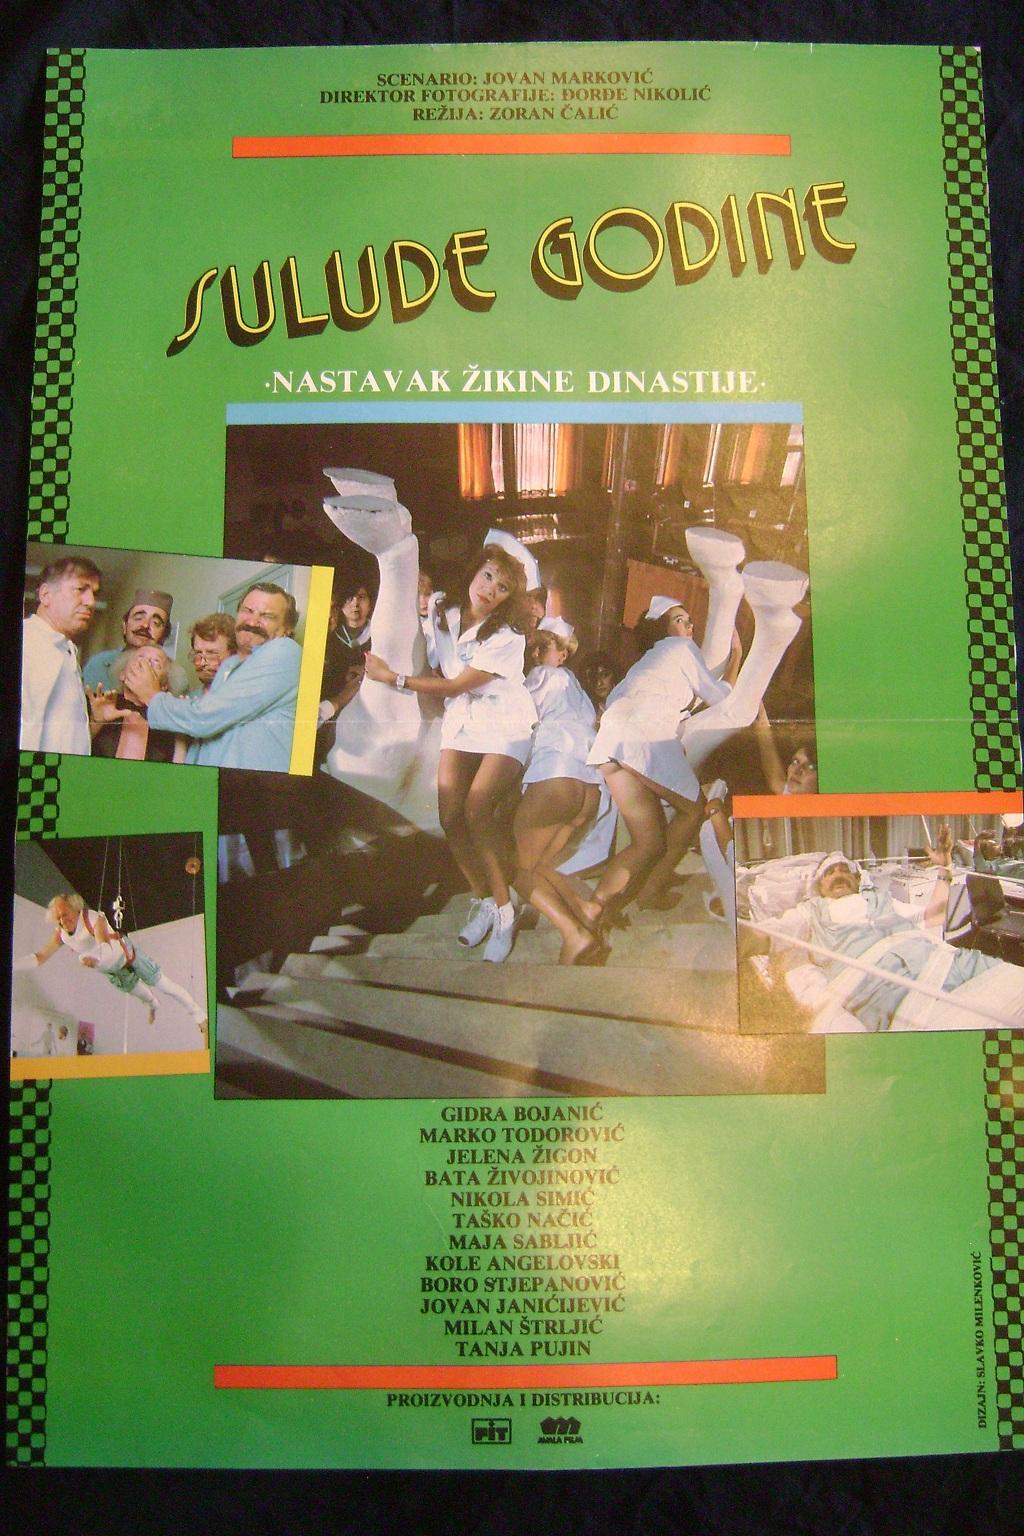 Filmski_poster_SULUDE_GODINE_1988_1.JPG